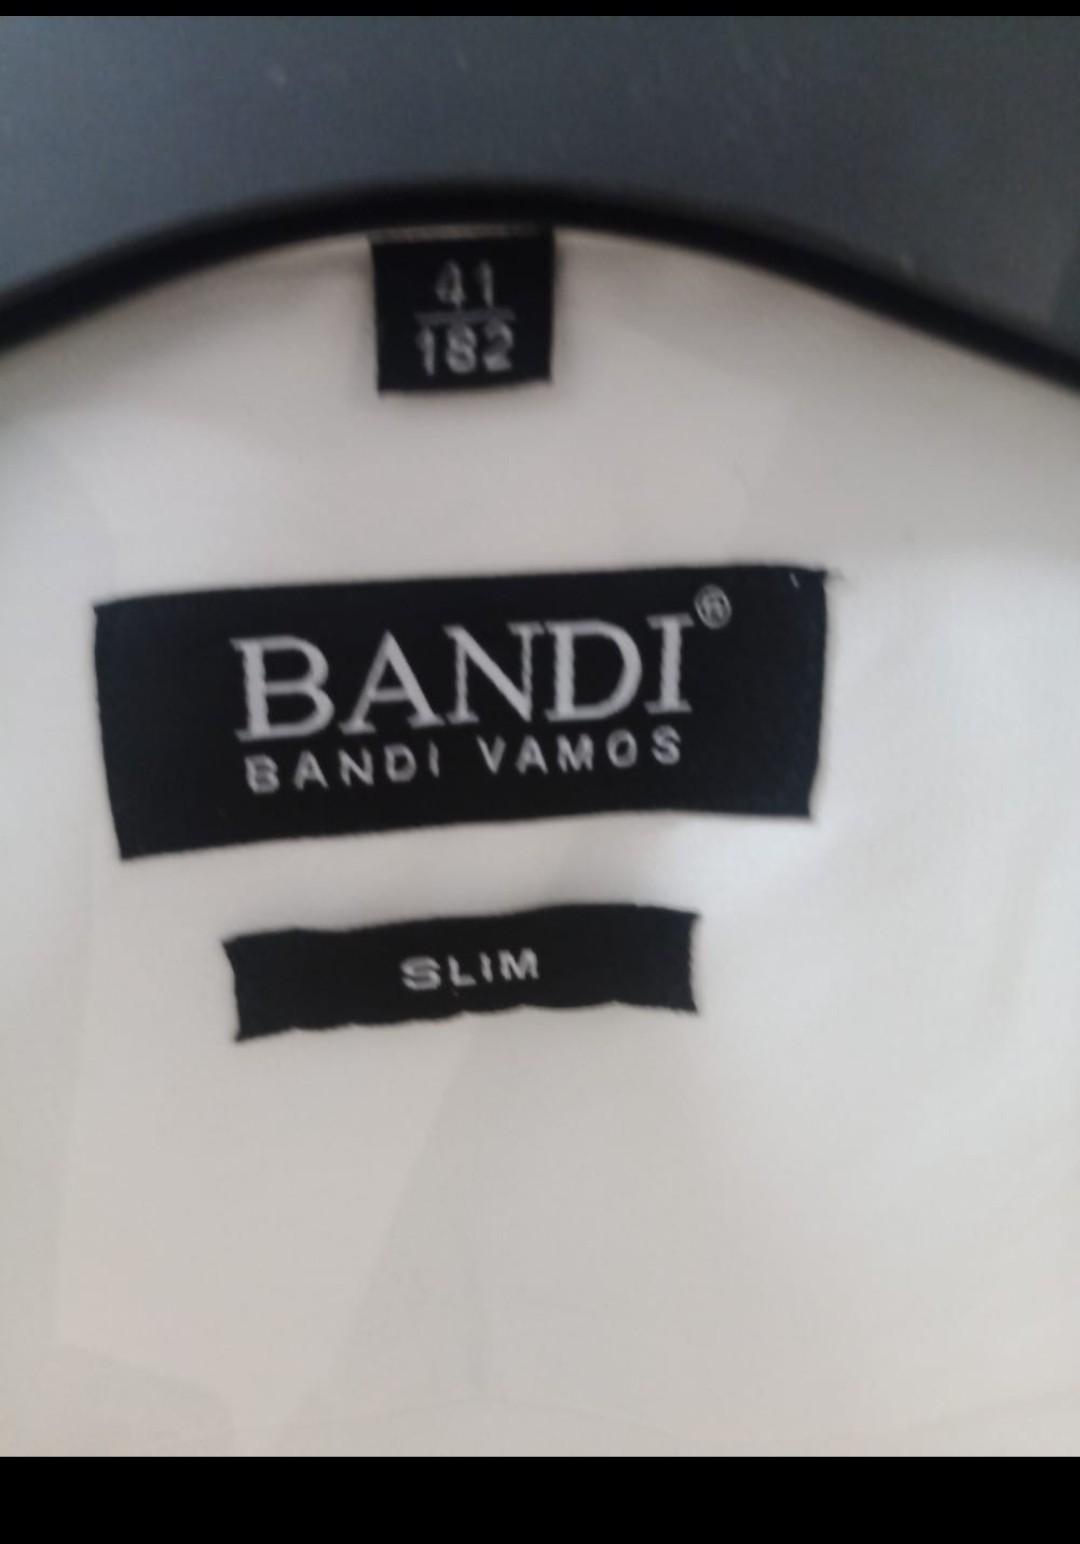 Pánská košile BANDI - slim - Obrázek č. 2